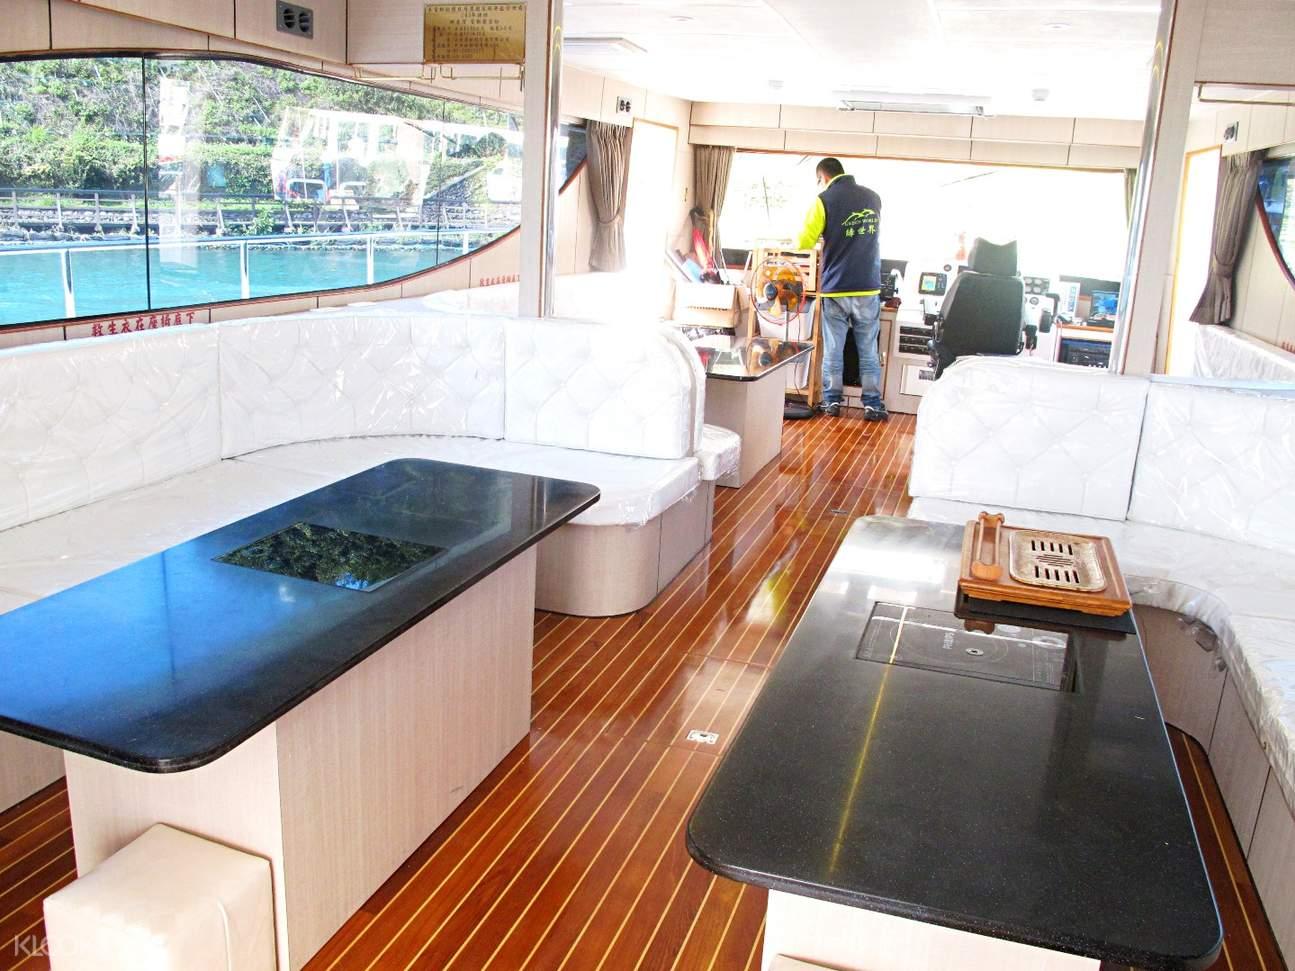 boat charter Taiwan, boat tour Sun Moon Lake Taipei, Lake tour Taipei, Sun Moon Lake tour